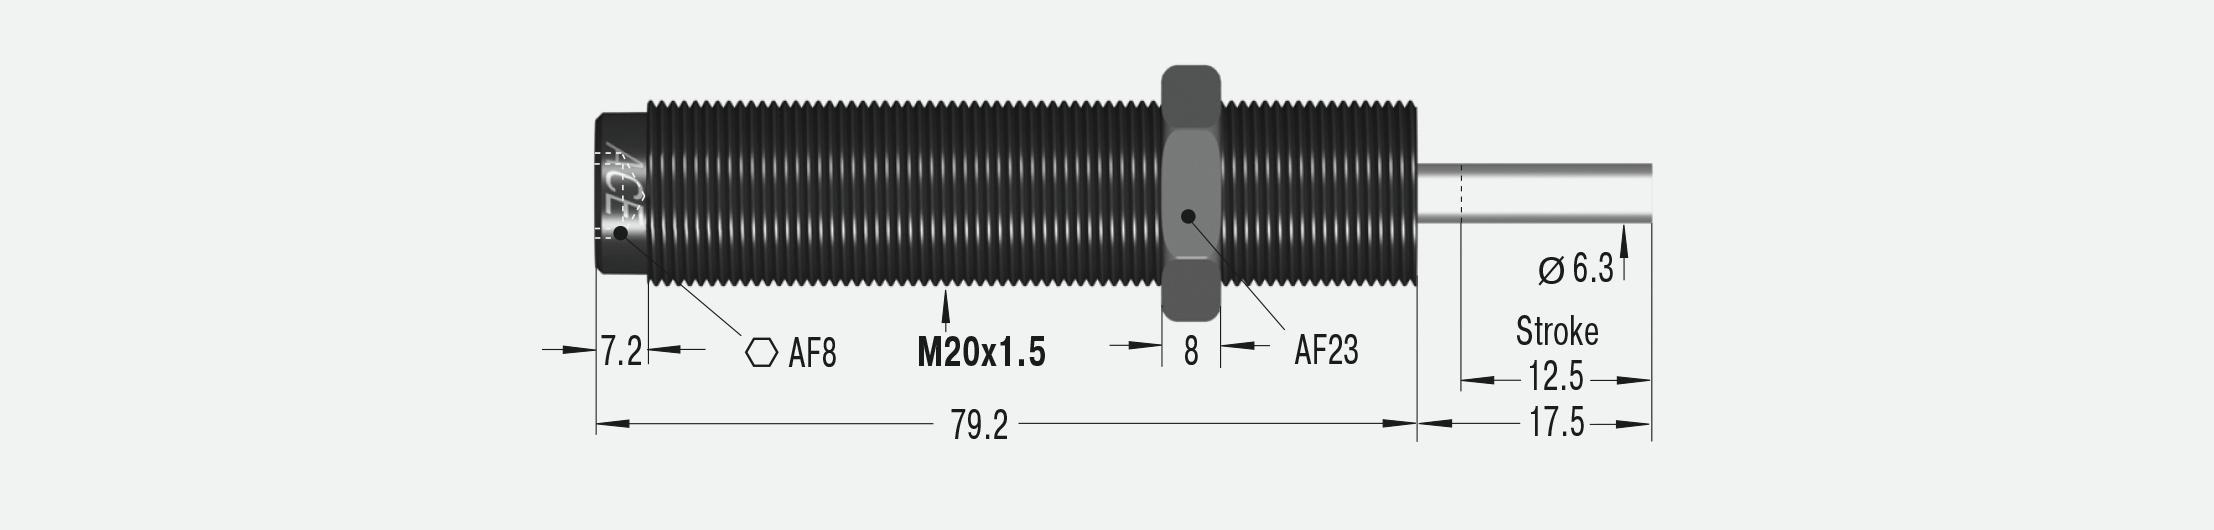 MC225EUMH2